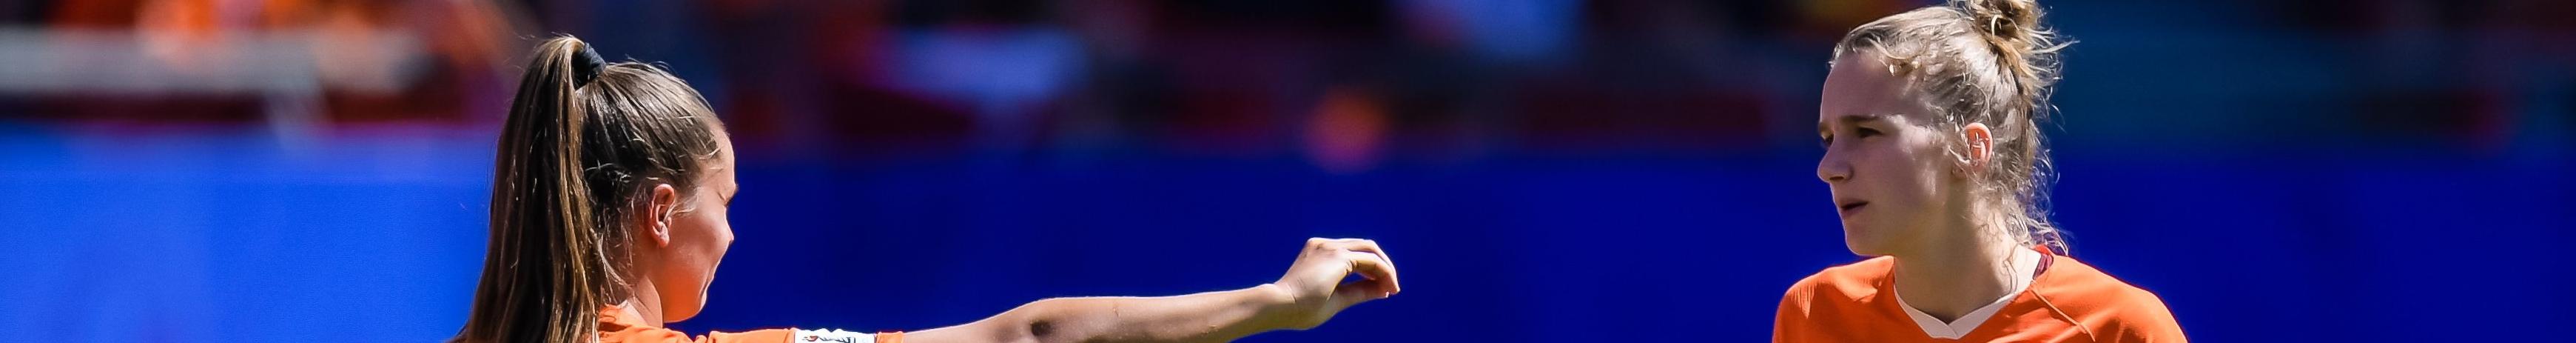 Olanda-Svezia, le Orange adesso sognano la prima finale